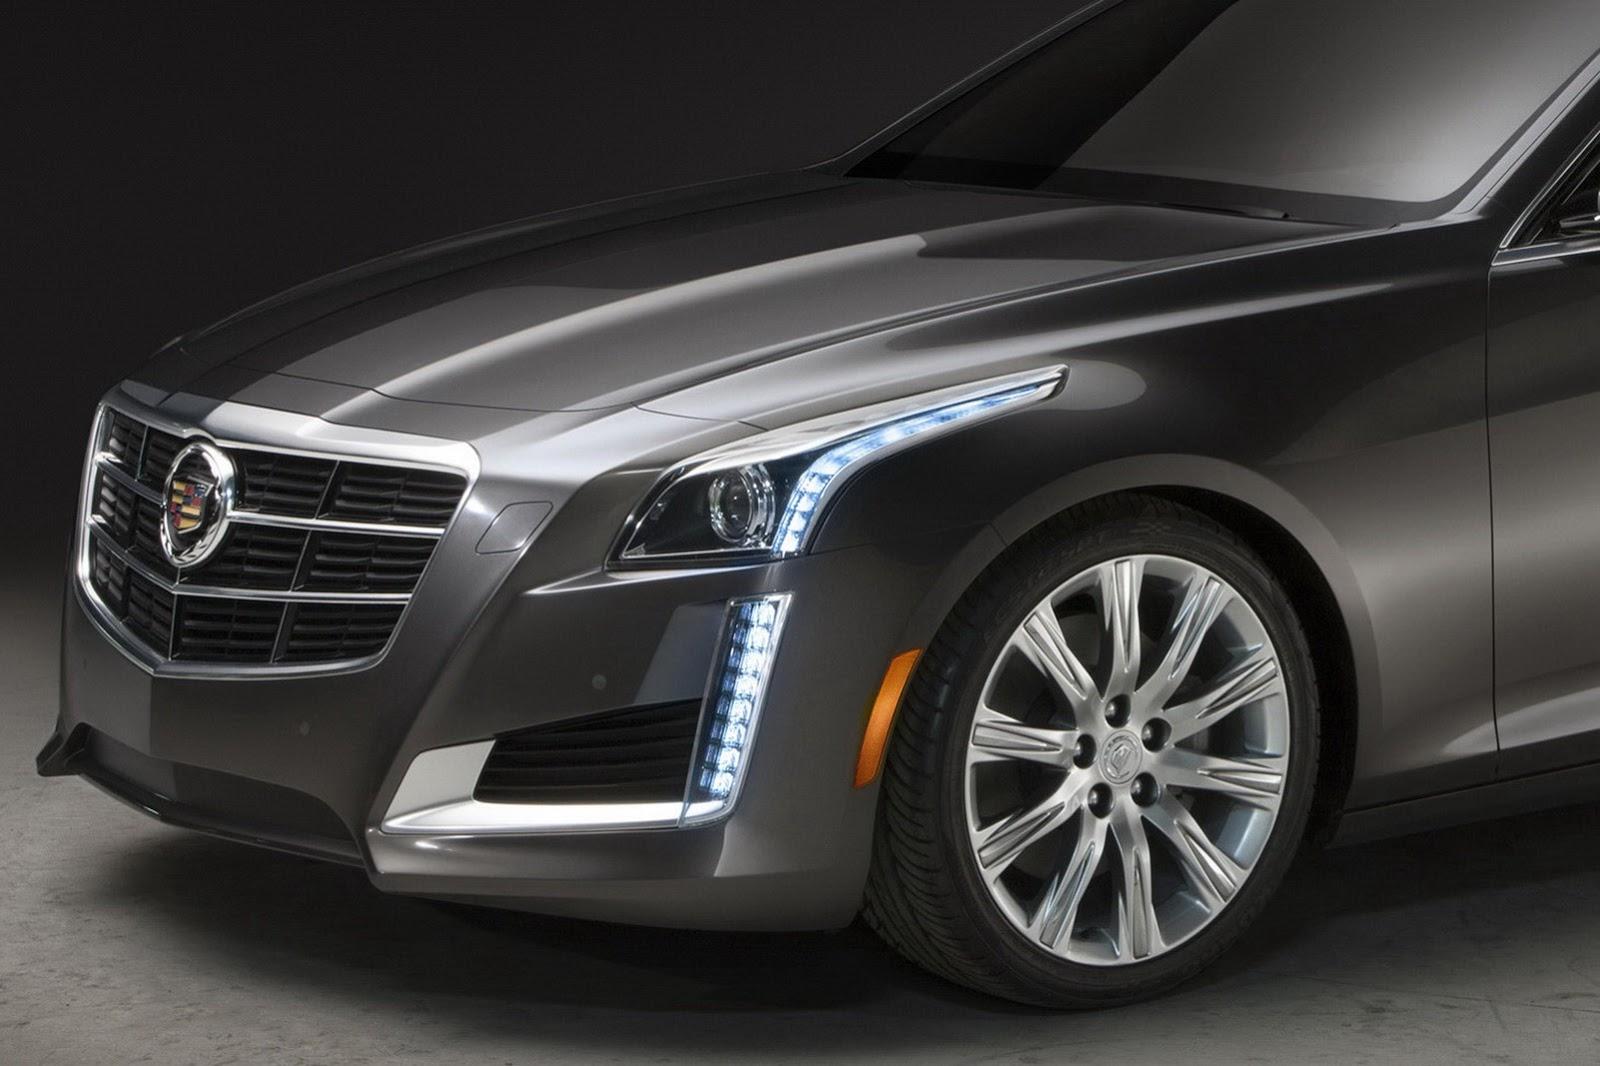 Car New Wallpaper 2013 Cadillac Explains Its New Aggressive Headlight Design